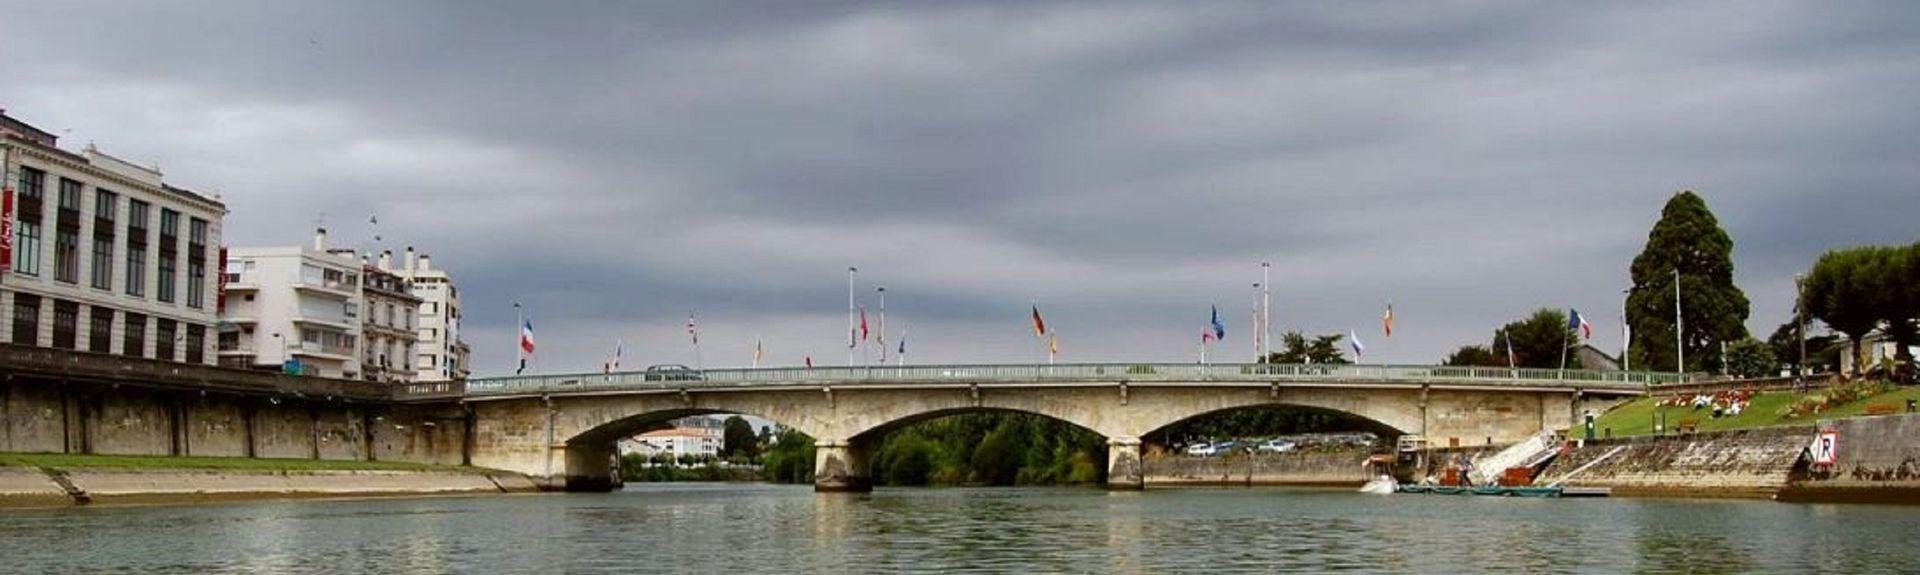 Saint-Romain-de-Benet, Aquitaine-Limousin-Poitou-Charentes, Frankrig